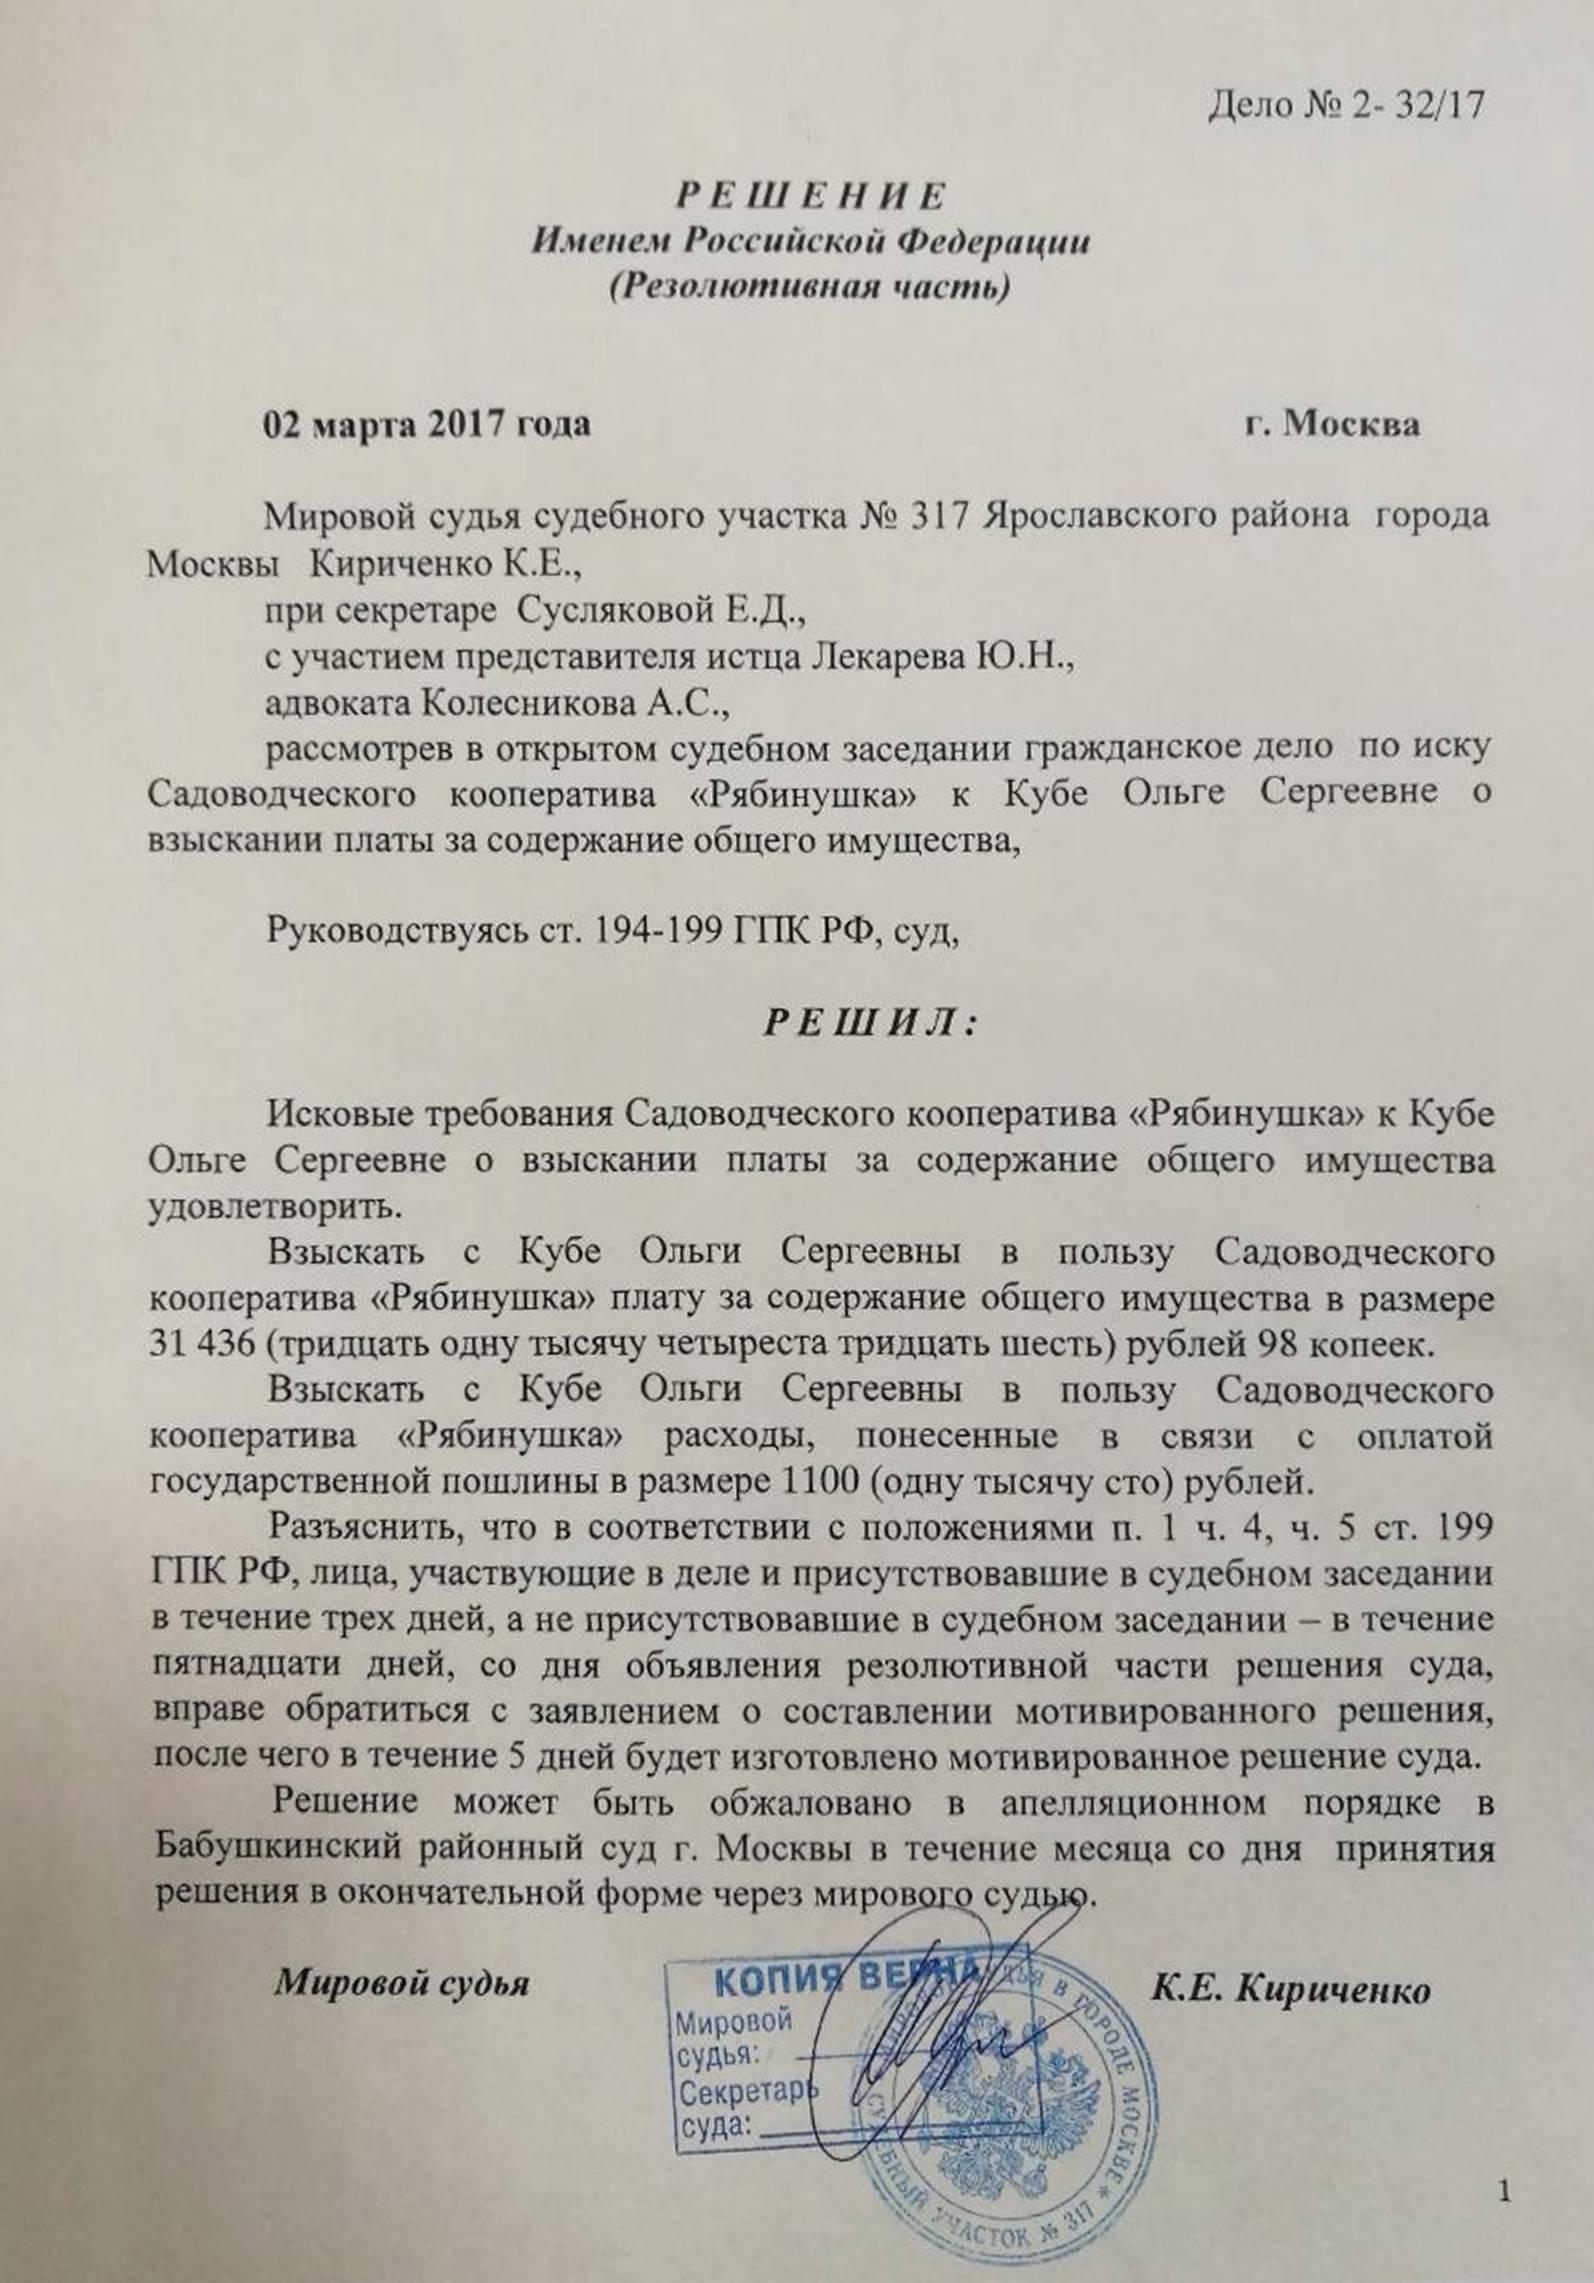 Документы для участия в конкурсе секретаря судебного заседания